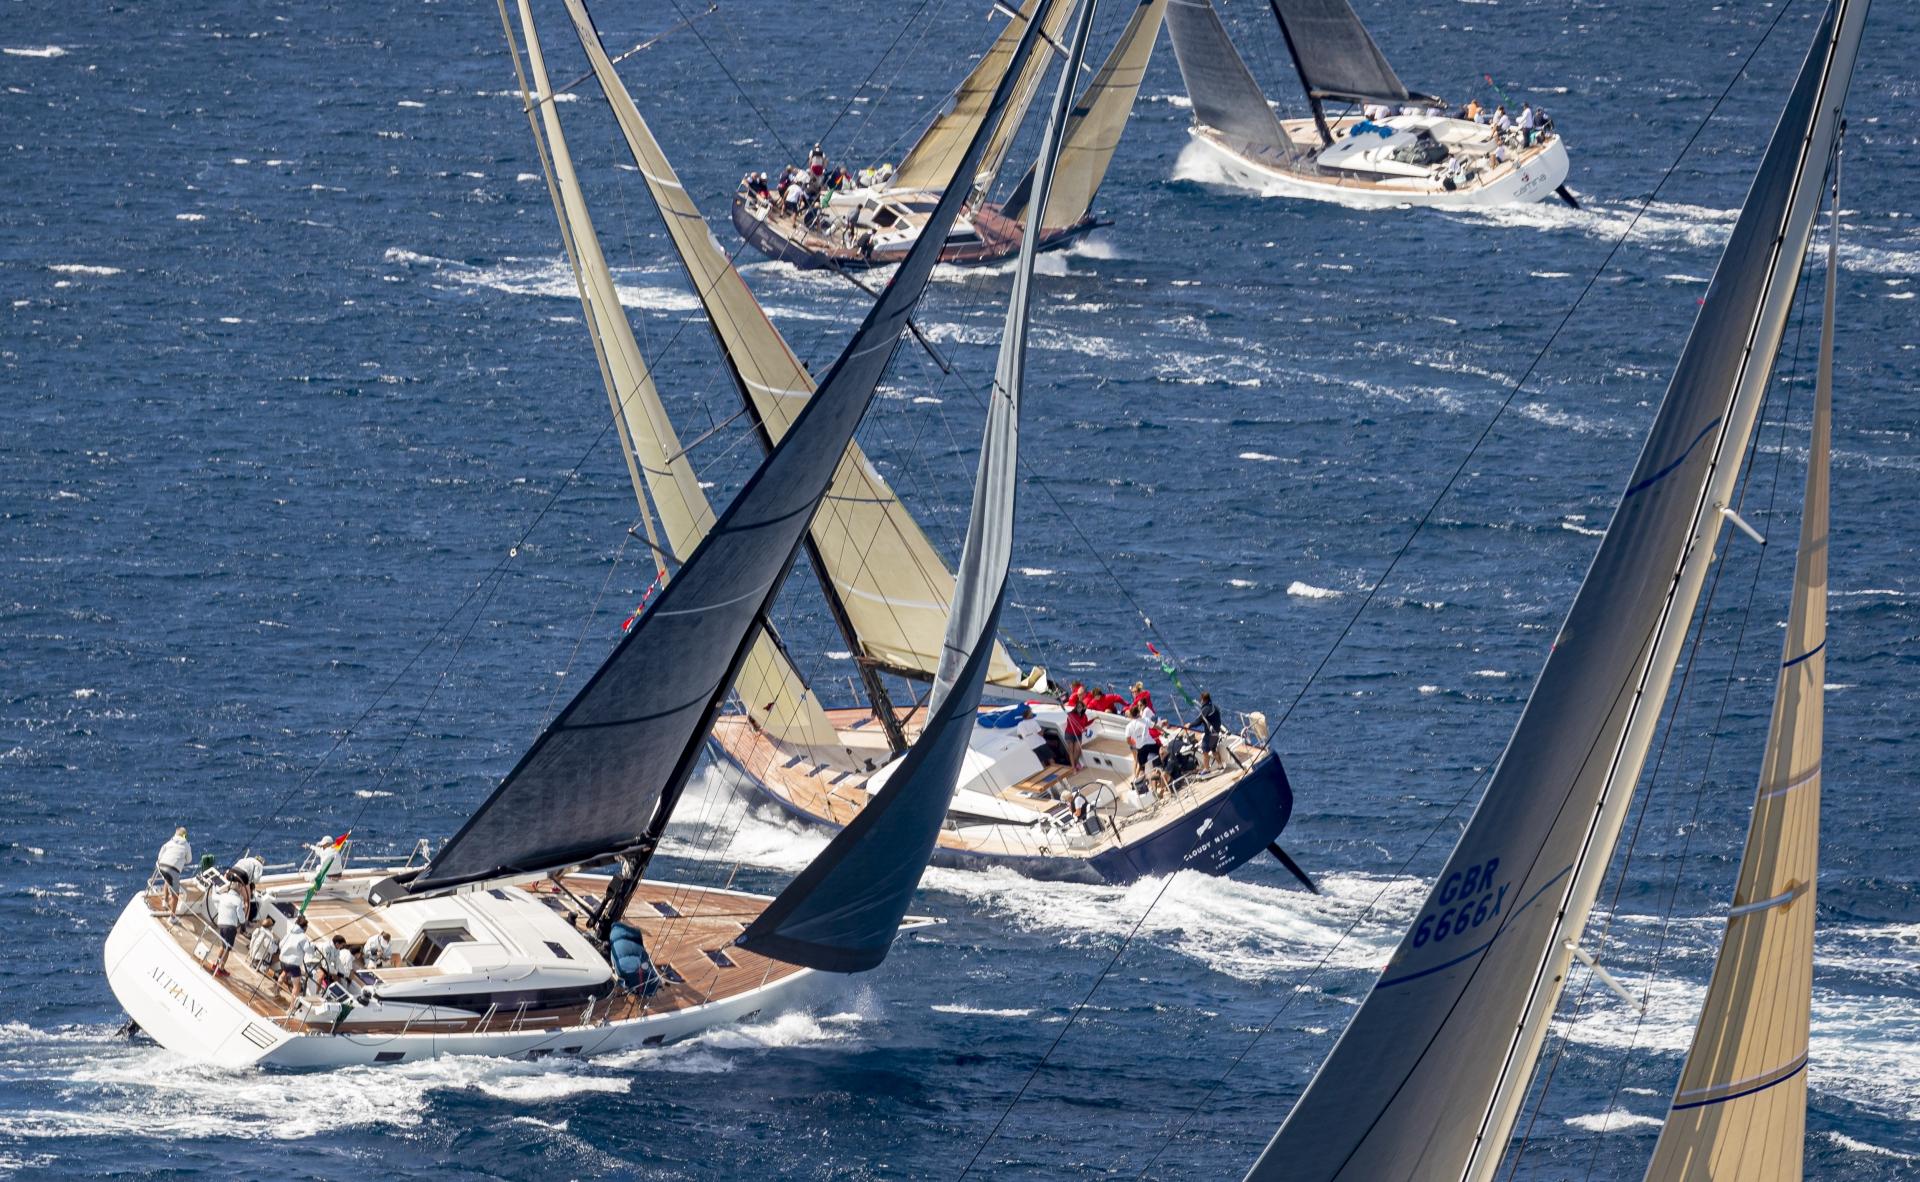 Al via la seconda parte della stagione sportiva dello YCCS - NEWS - Yacht Club Costa Smeralda